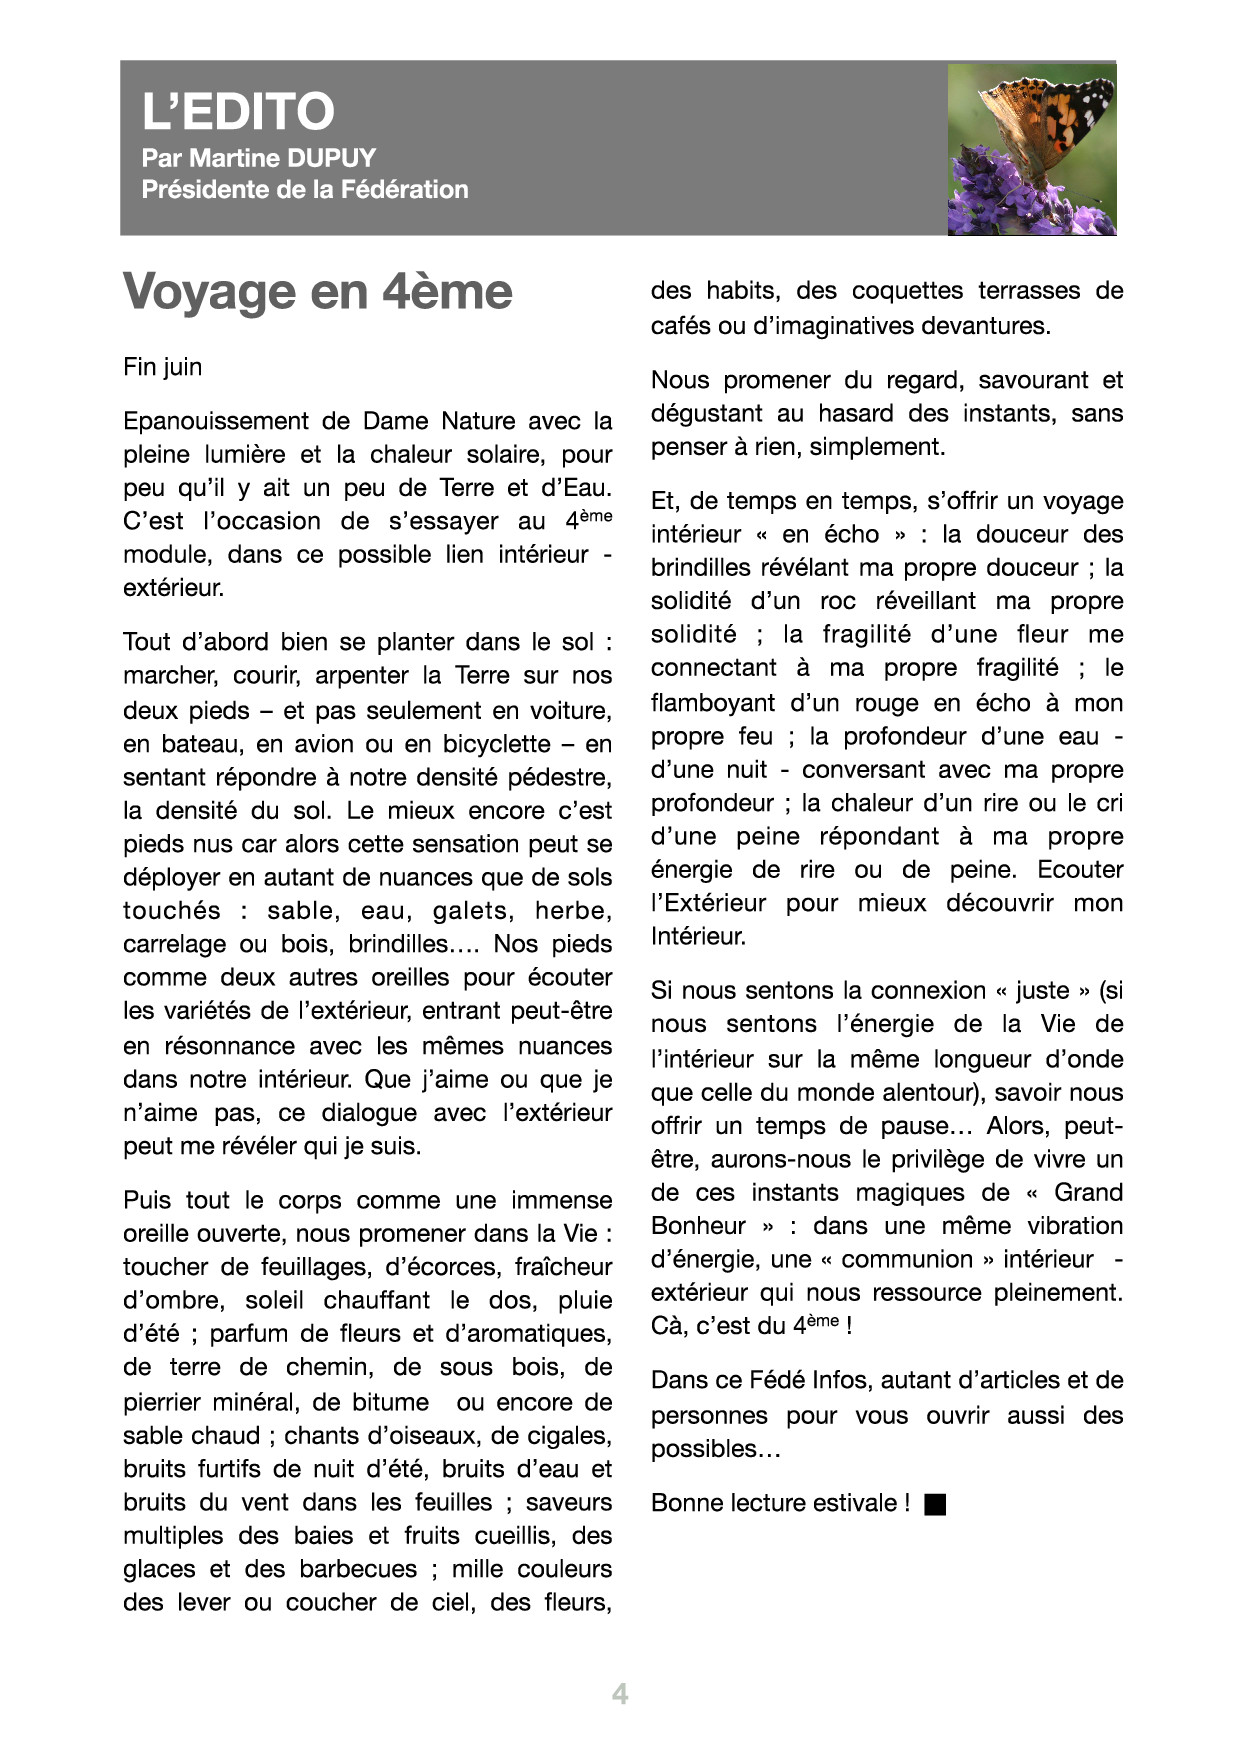 Edito du Fédé Infos N°33